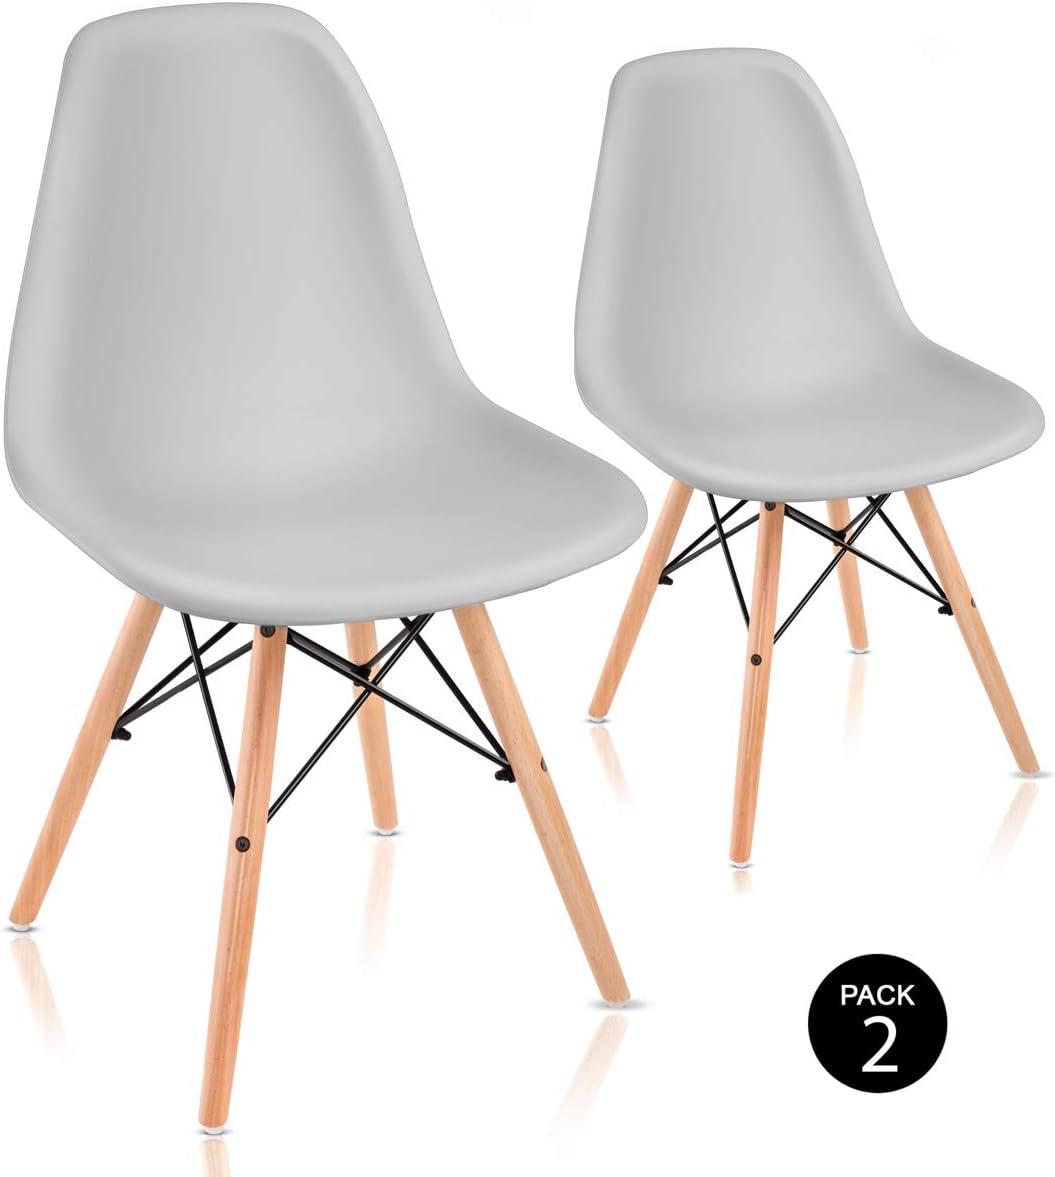 Mc Haus SENA - Pack 2 Sillas Comedor con diseño Nórdico tower color Gris claro, Silla Salón ergonómica con Asiento y Respaldo de polipropileno y patas de madera ideal para Cocina y Terraza